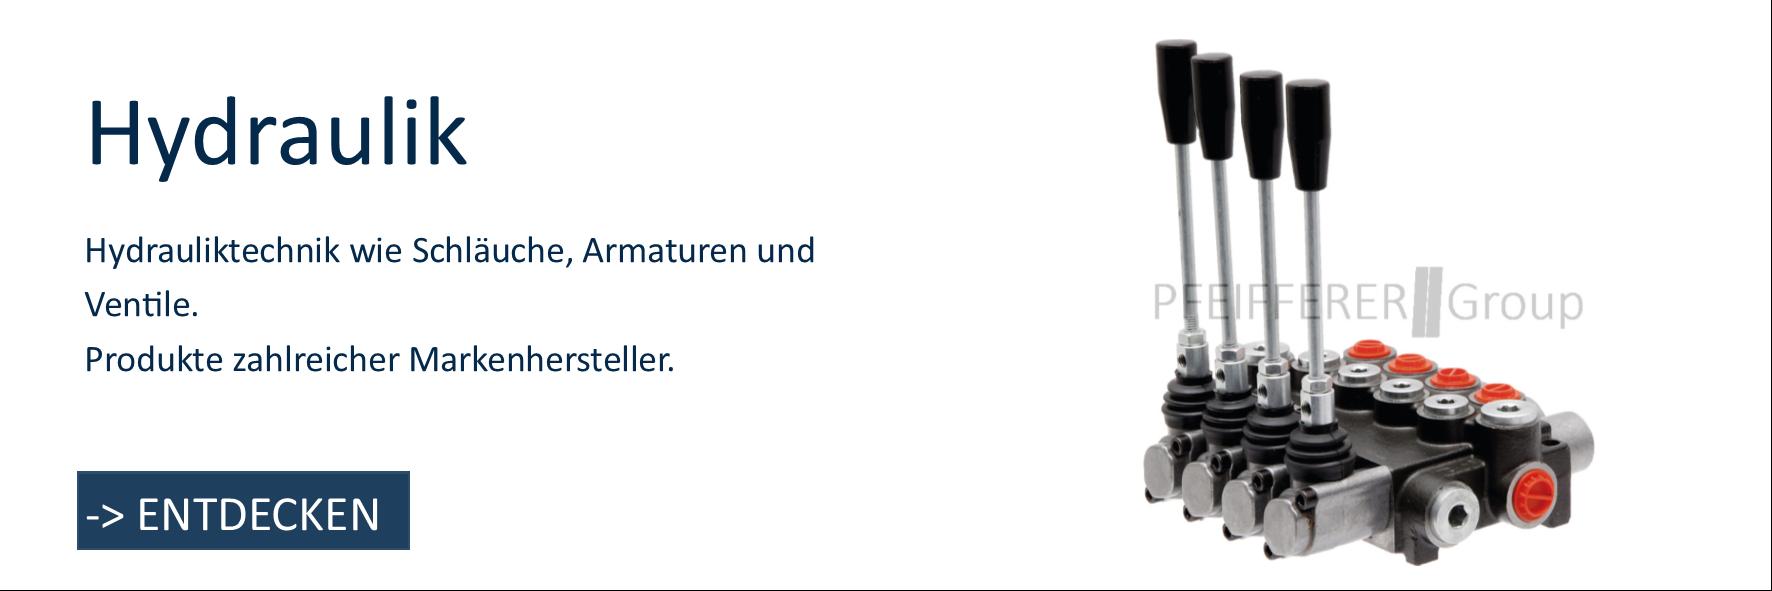 Druckluft / Hydraulik